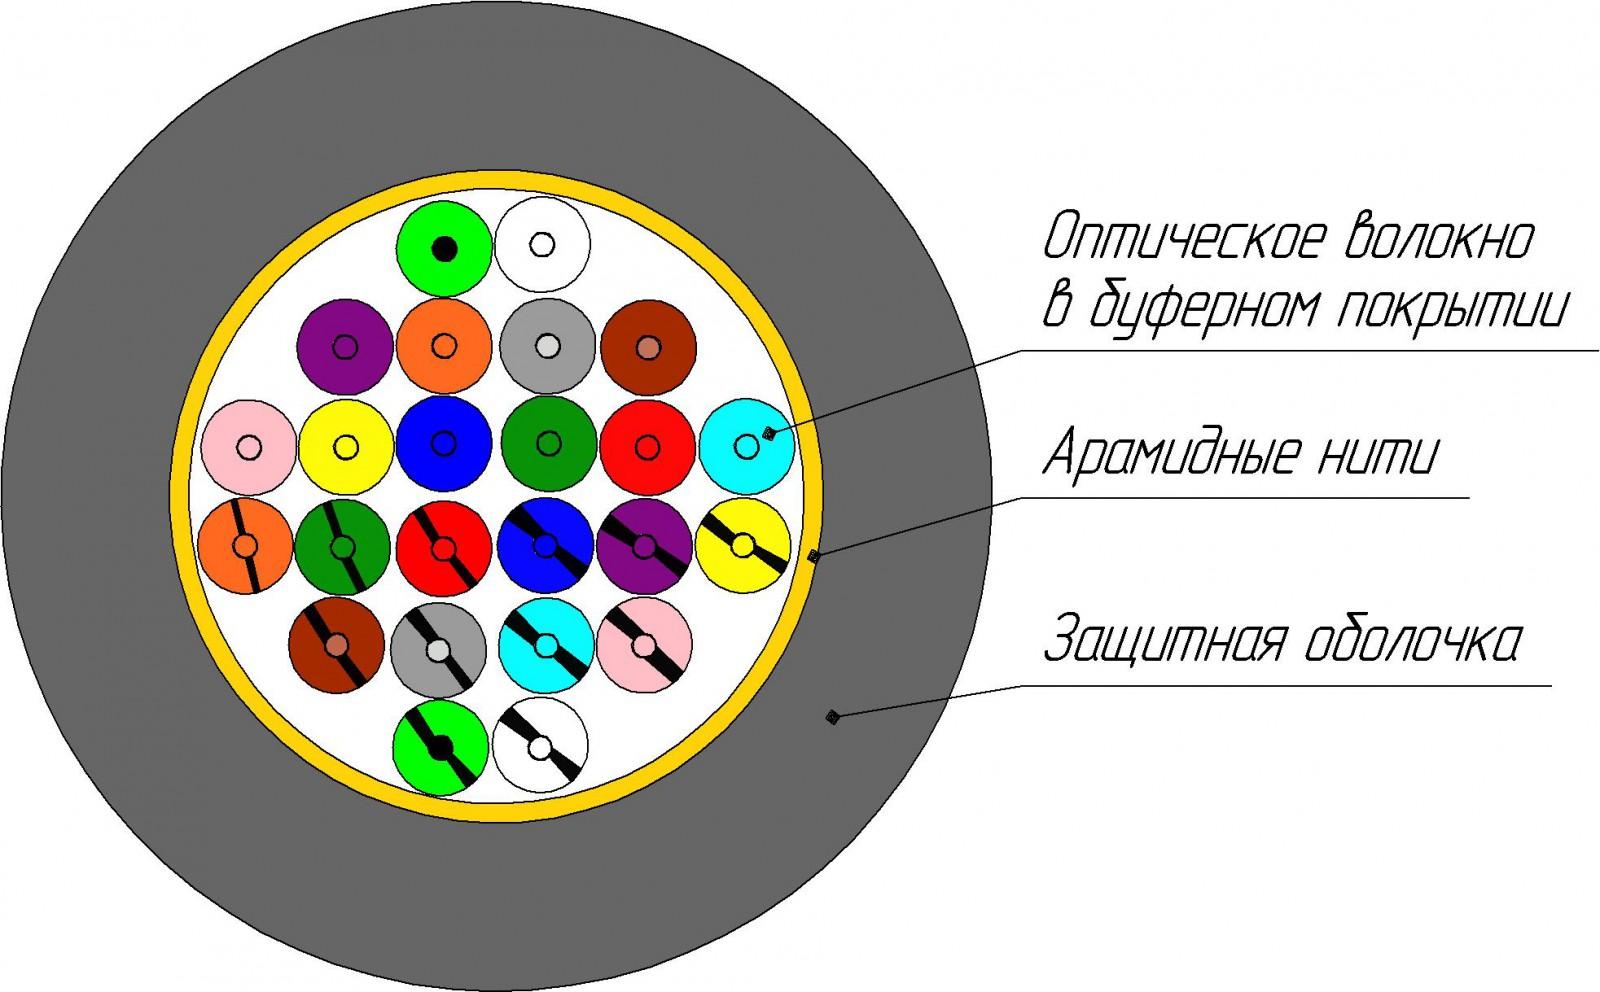 Кабель ОКВНГ(D)-РД